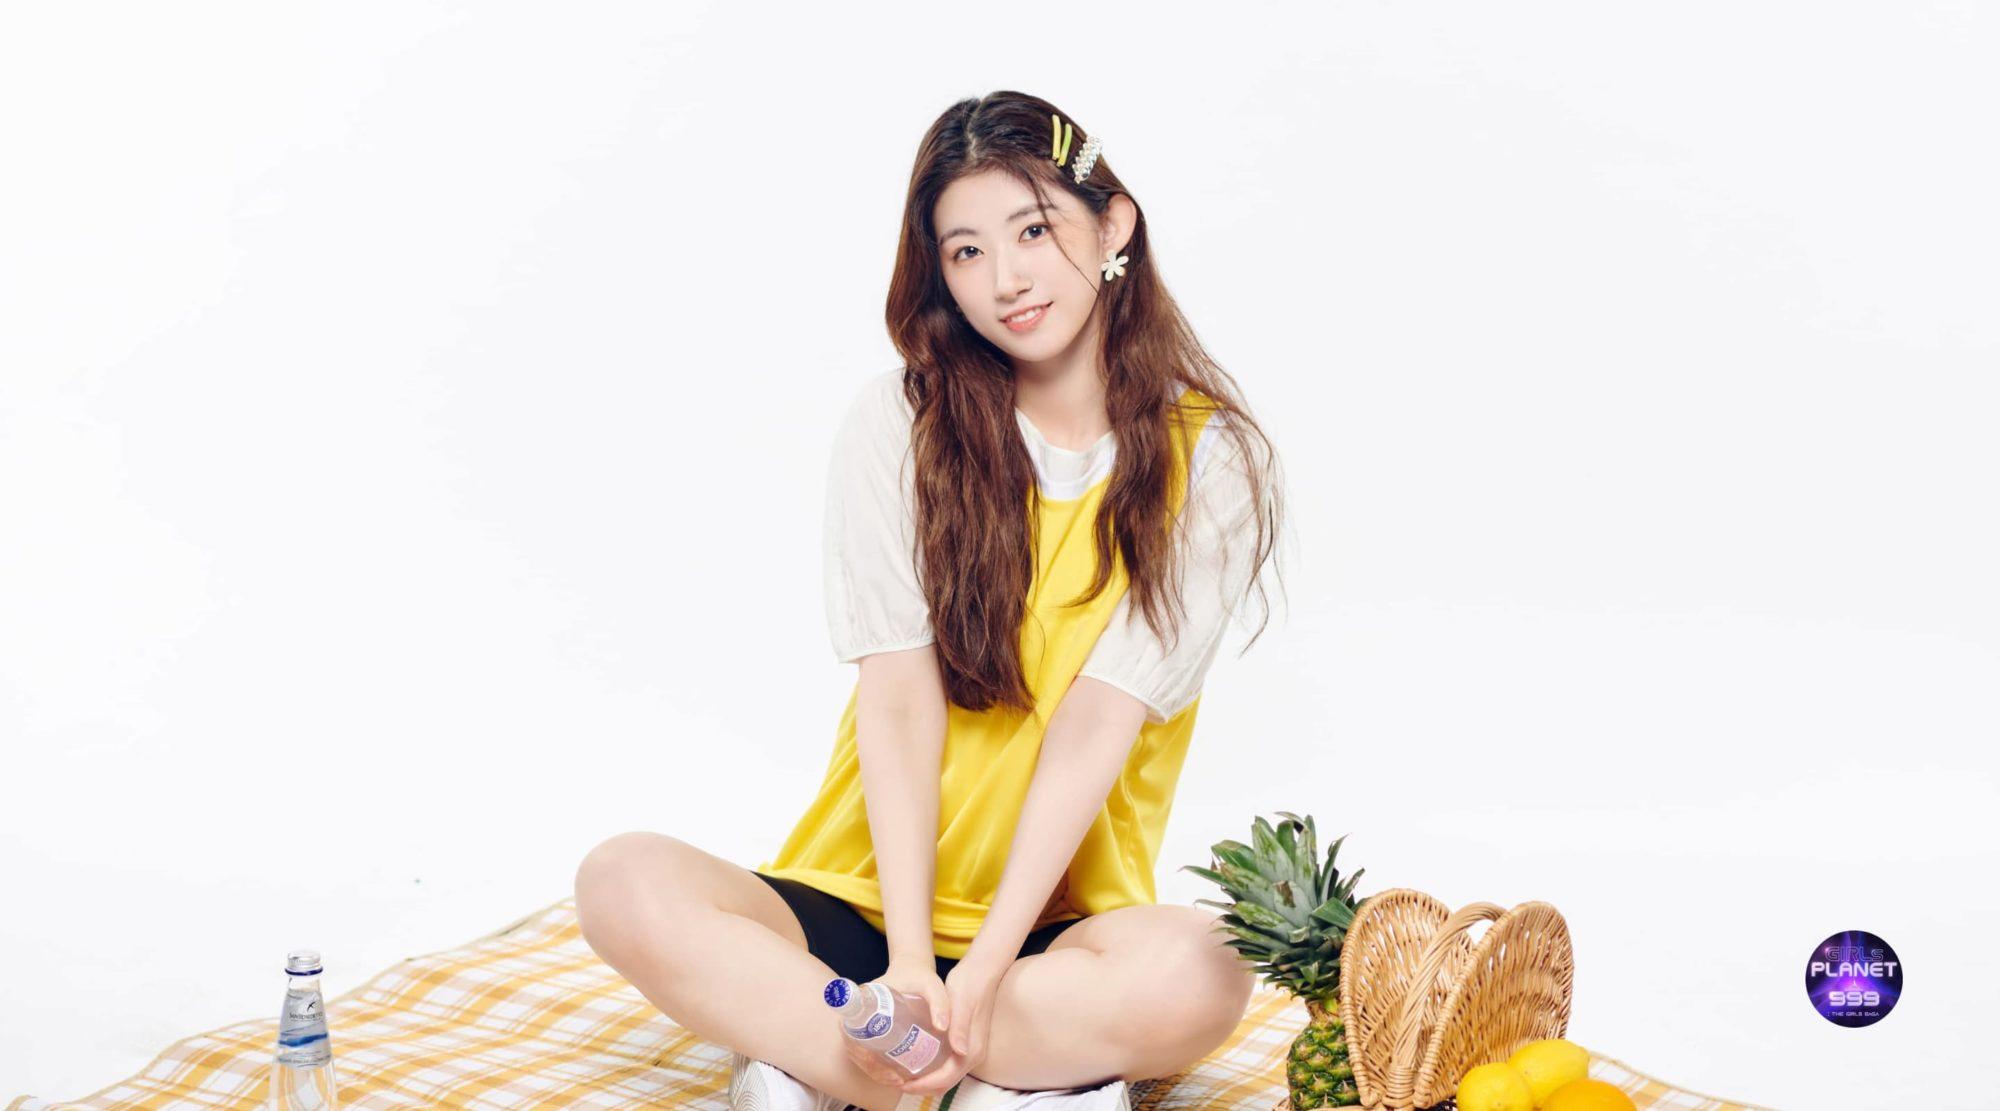 Cui Wen Mei Xiu Girls Planet 999